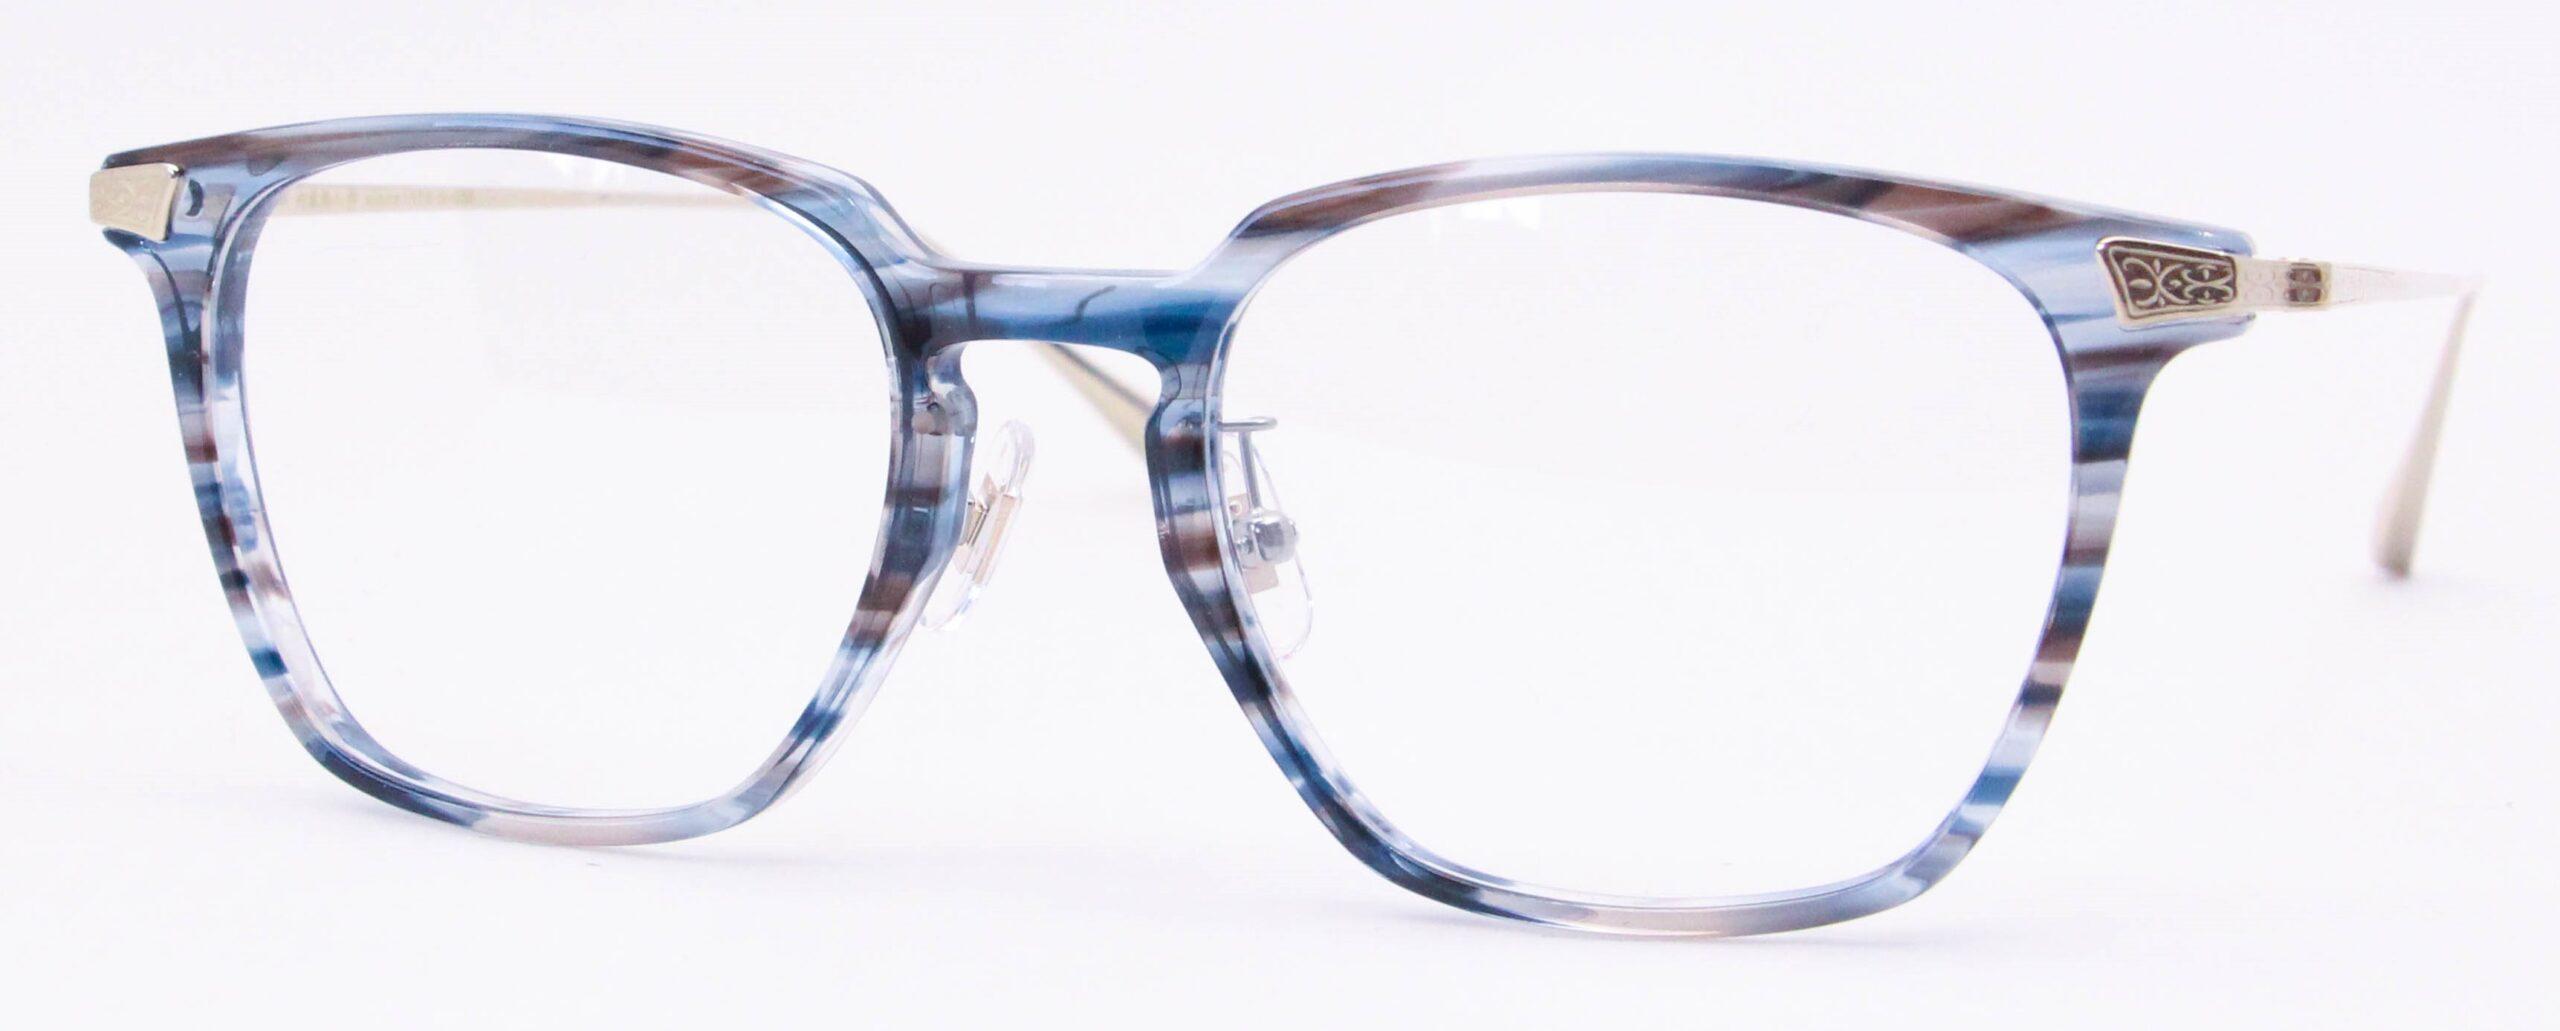 眼鏡のカラータイプC-3 Blue-Sasa/Gold